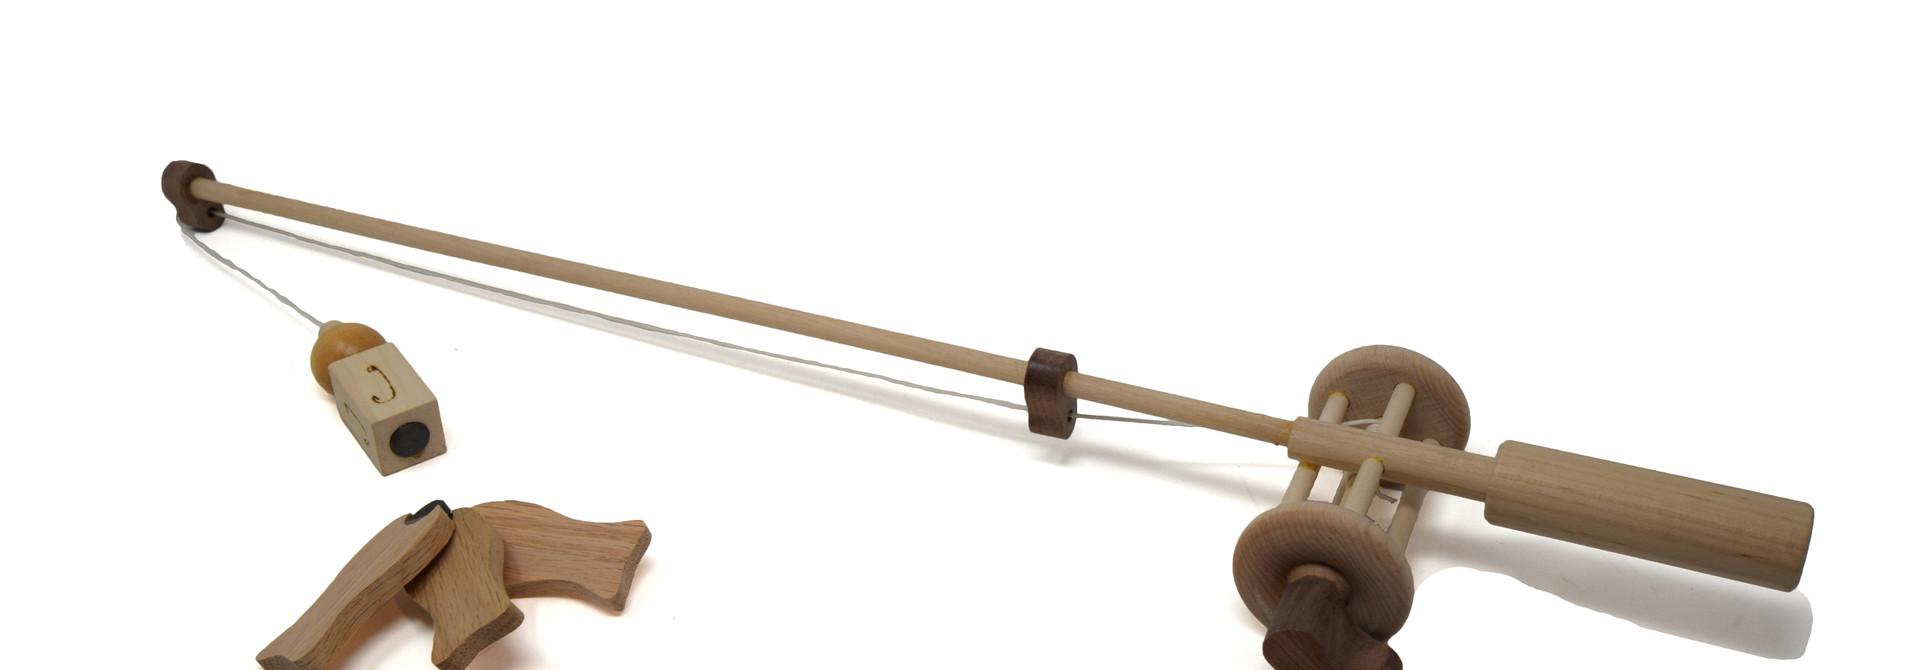 Fishing Pole Toy